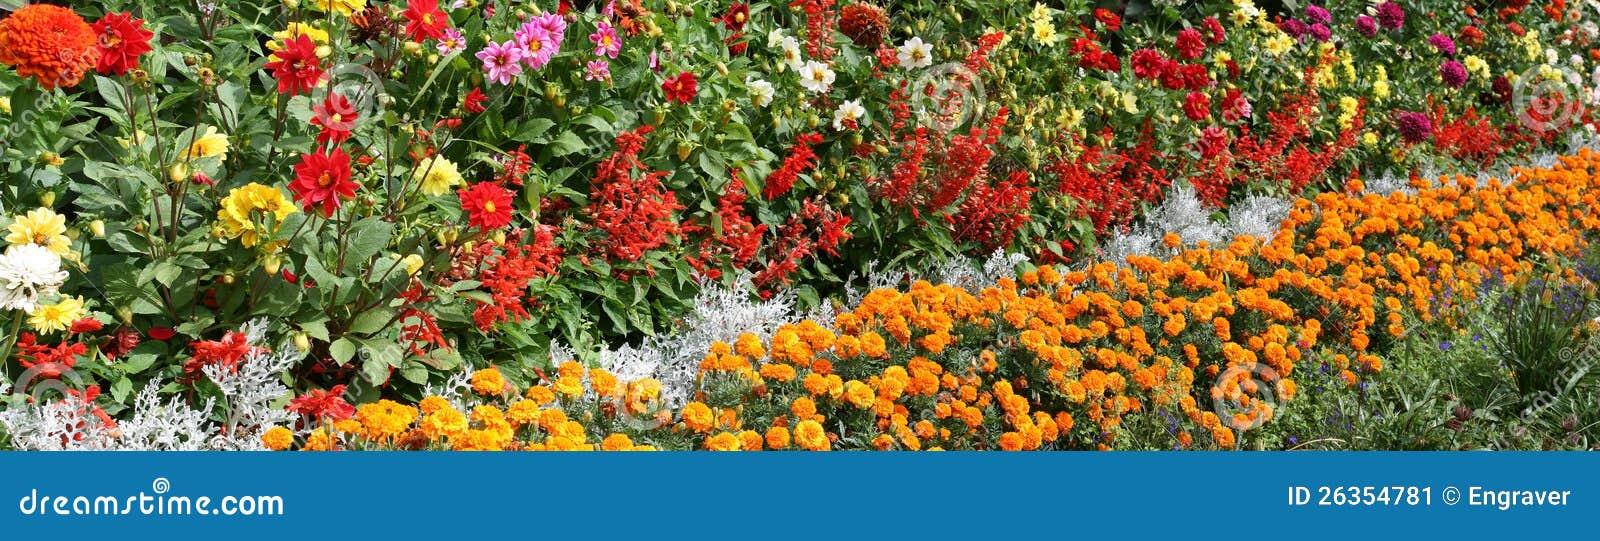 Bett der Blumen